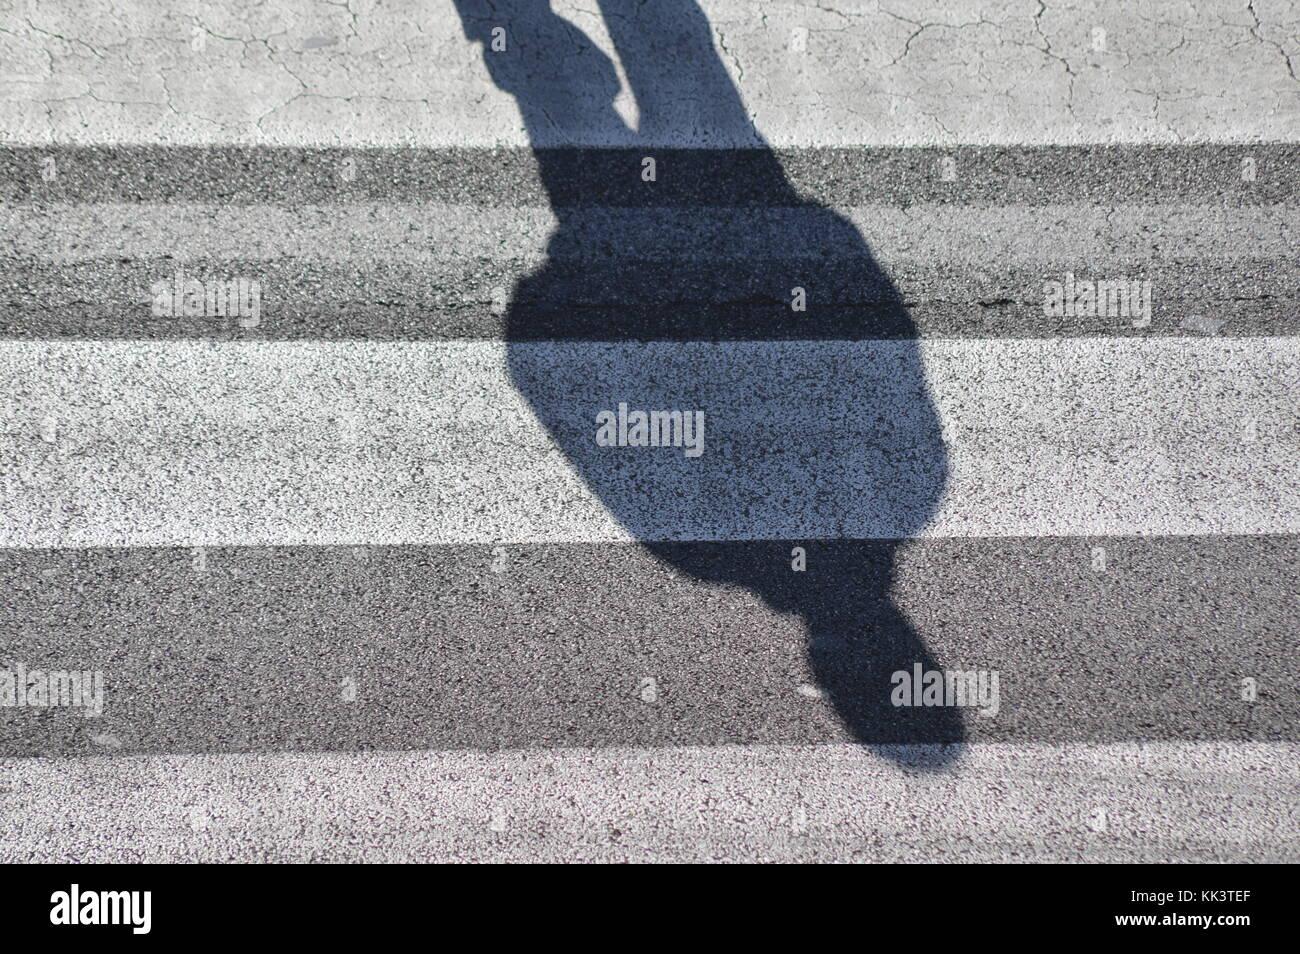 Cruce peatonal (sombras sobre el suelo). Imagen De Stock